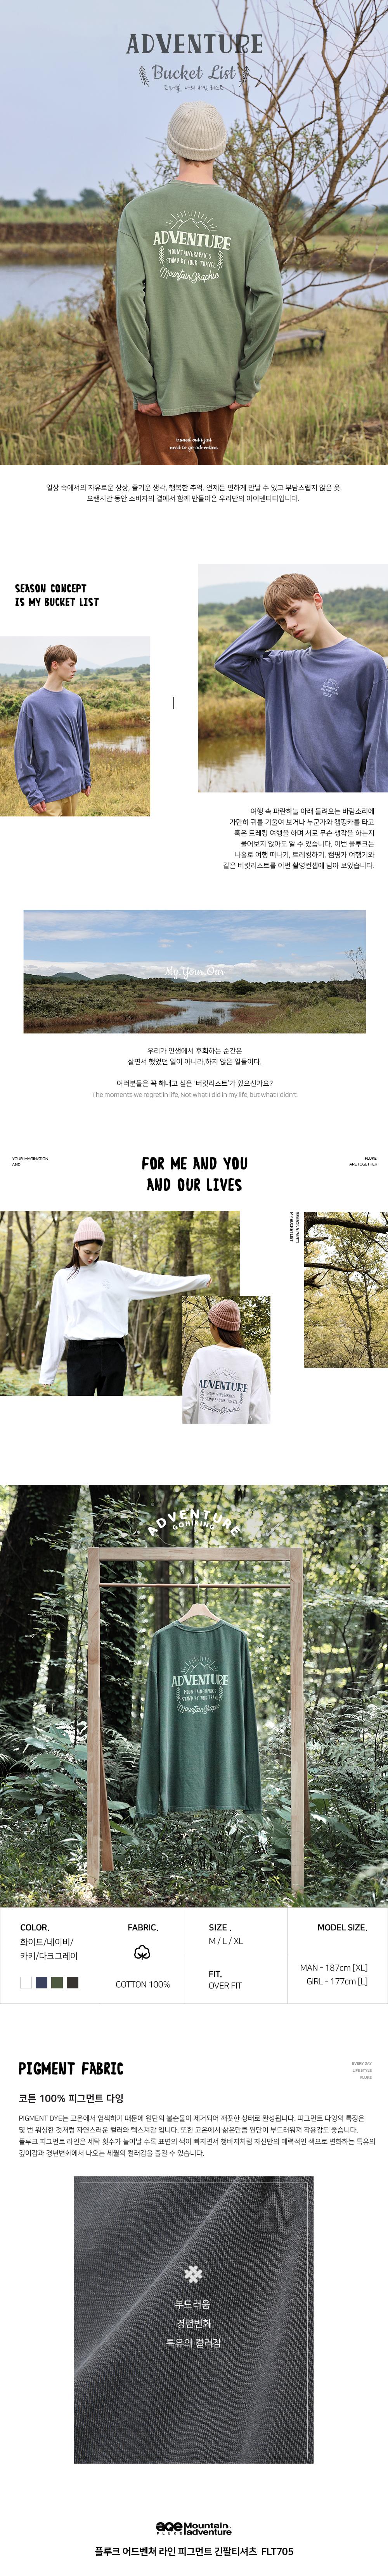 플루크 어드벤쳐 라인 피그먼트 긴팔티셔츠 FLT705 / 4color